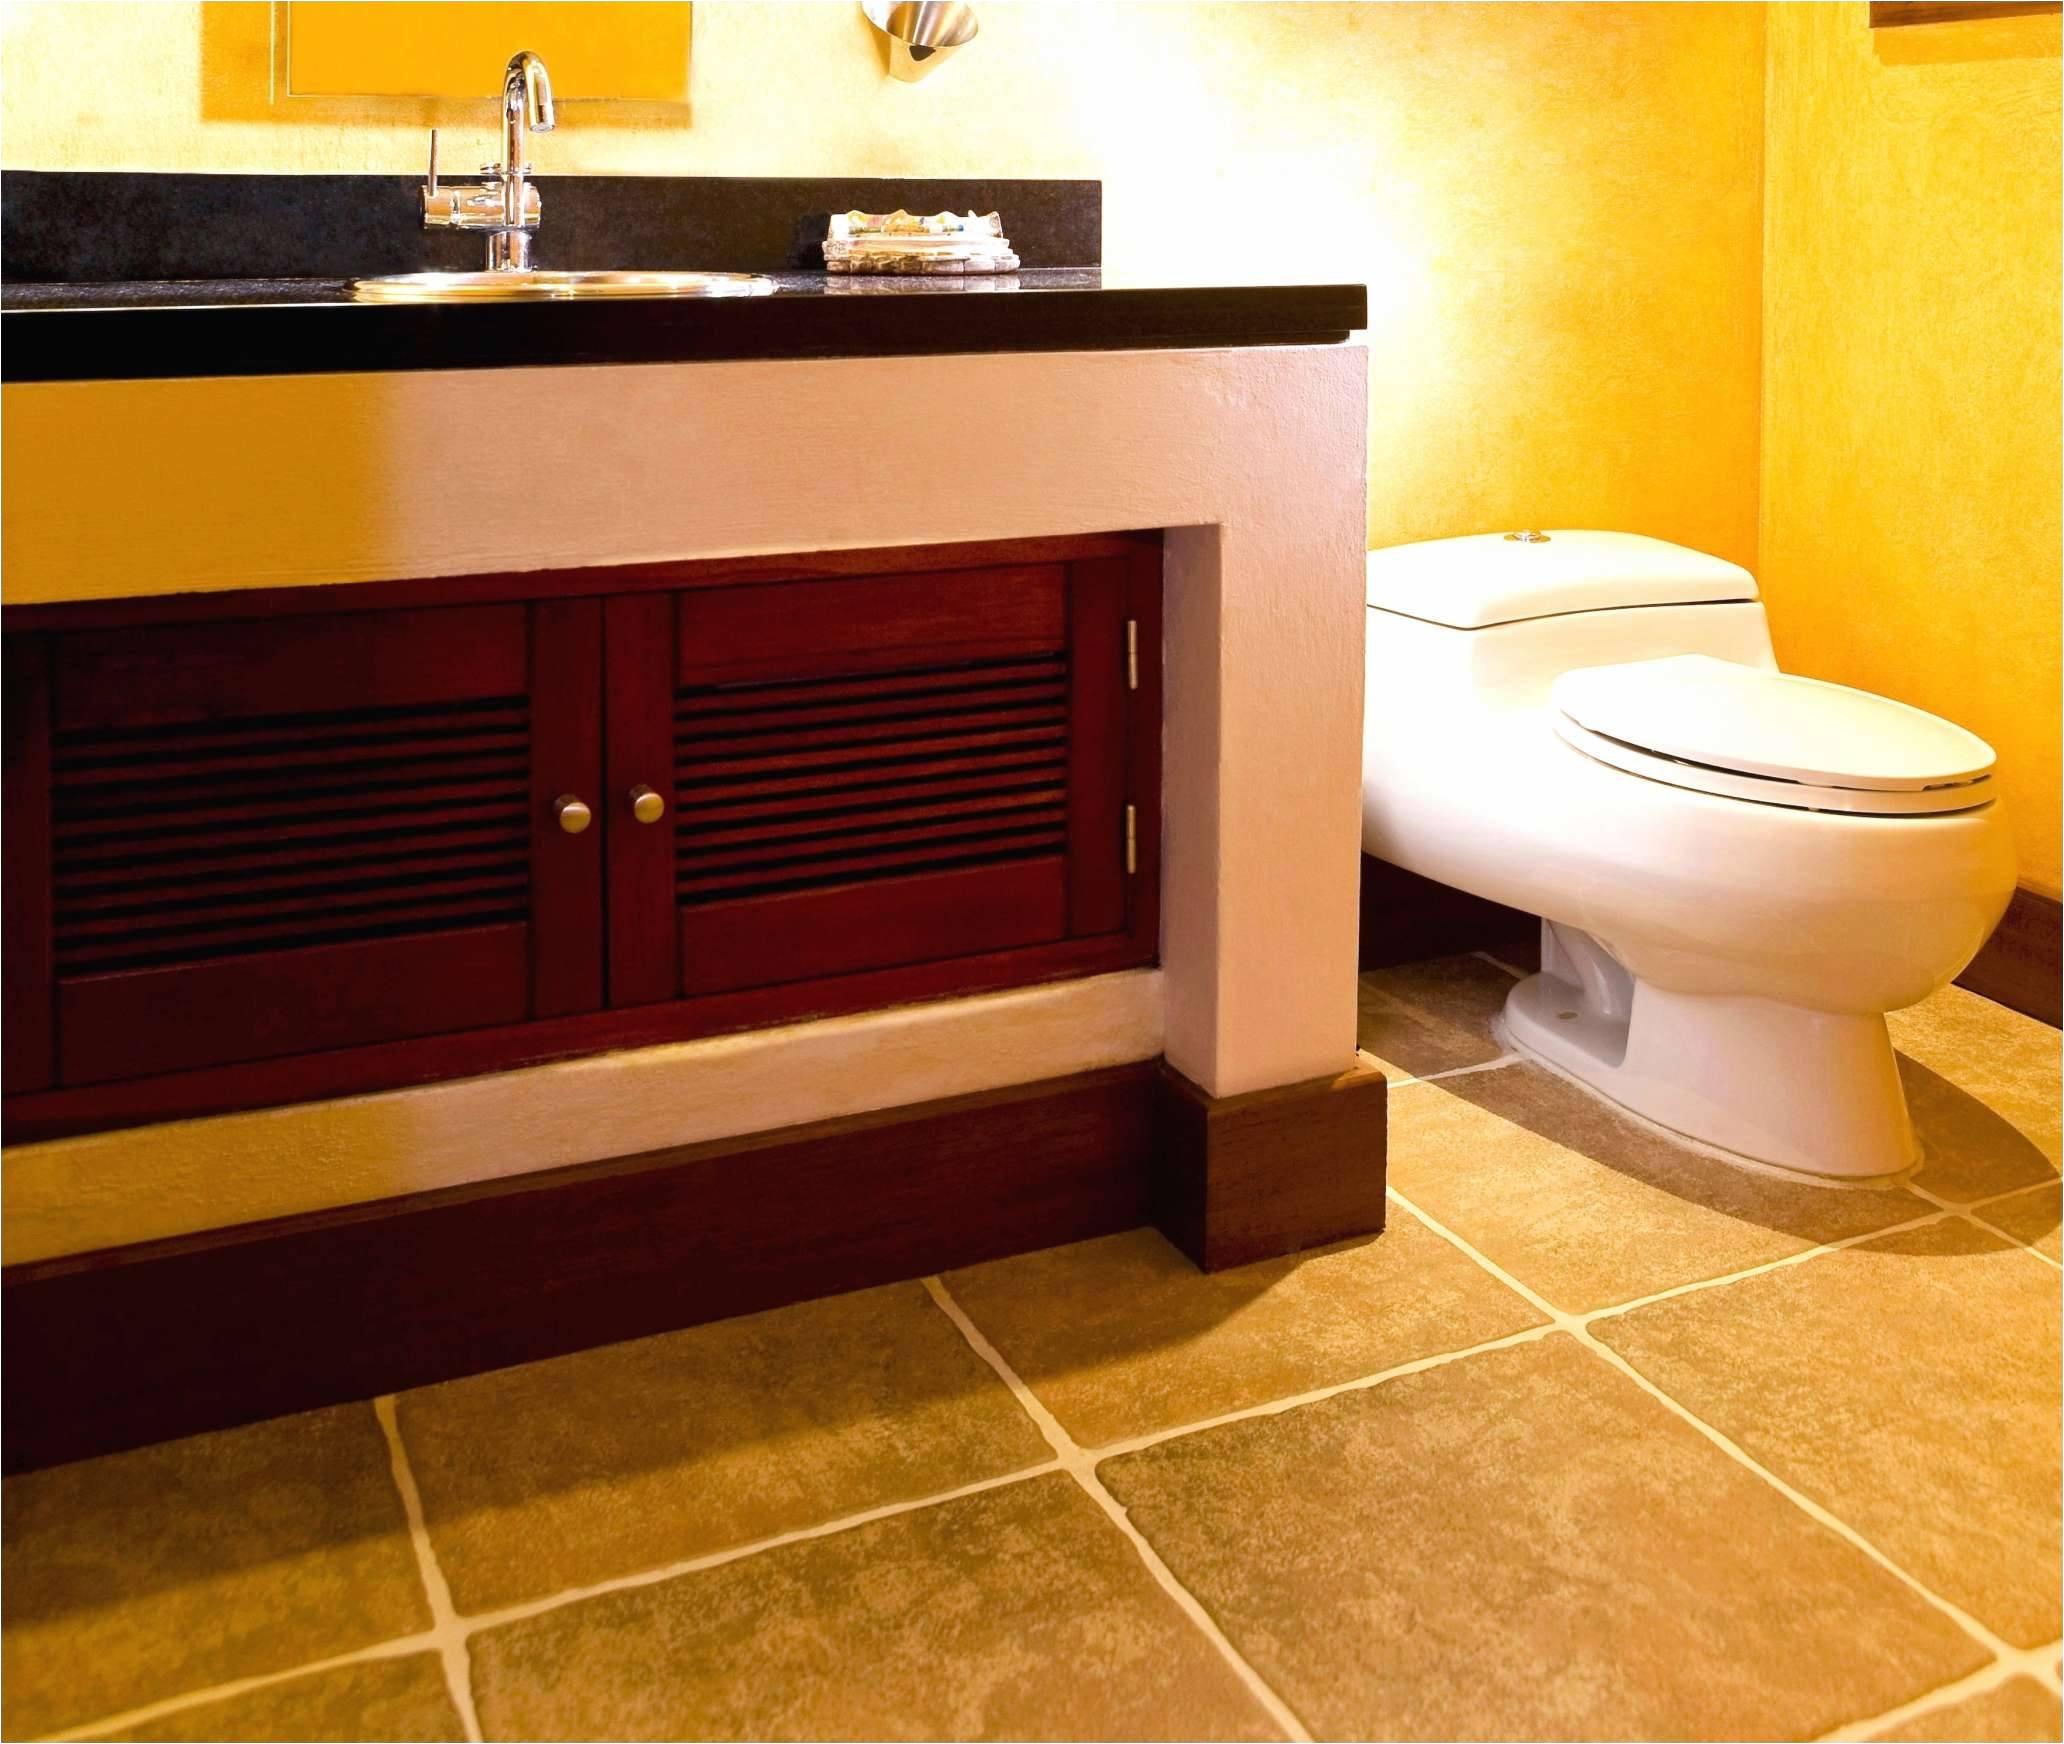 bathroom flooring ideas small bathroom awesome of porcelain flooring ideas floor tiles mosaic bathroom 0d new